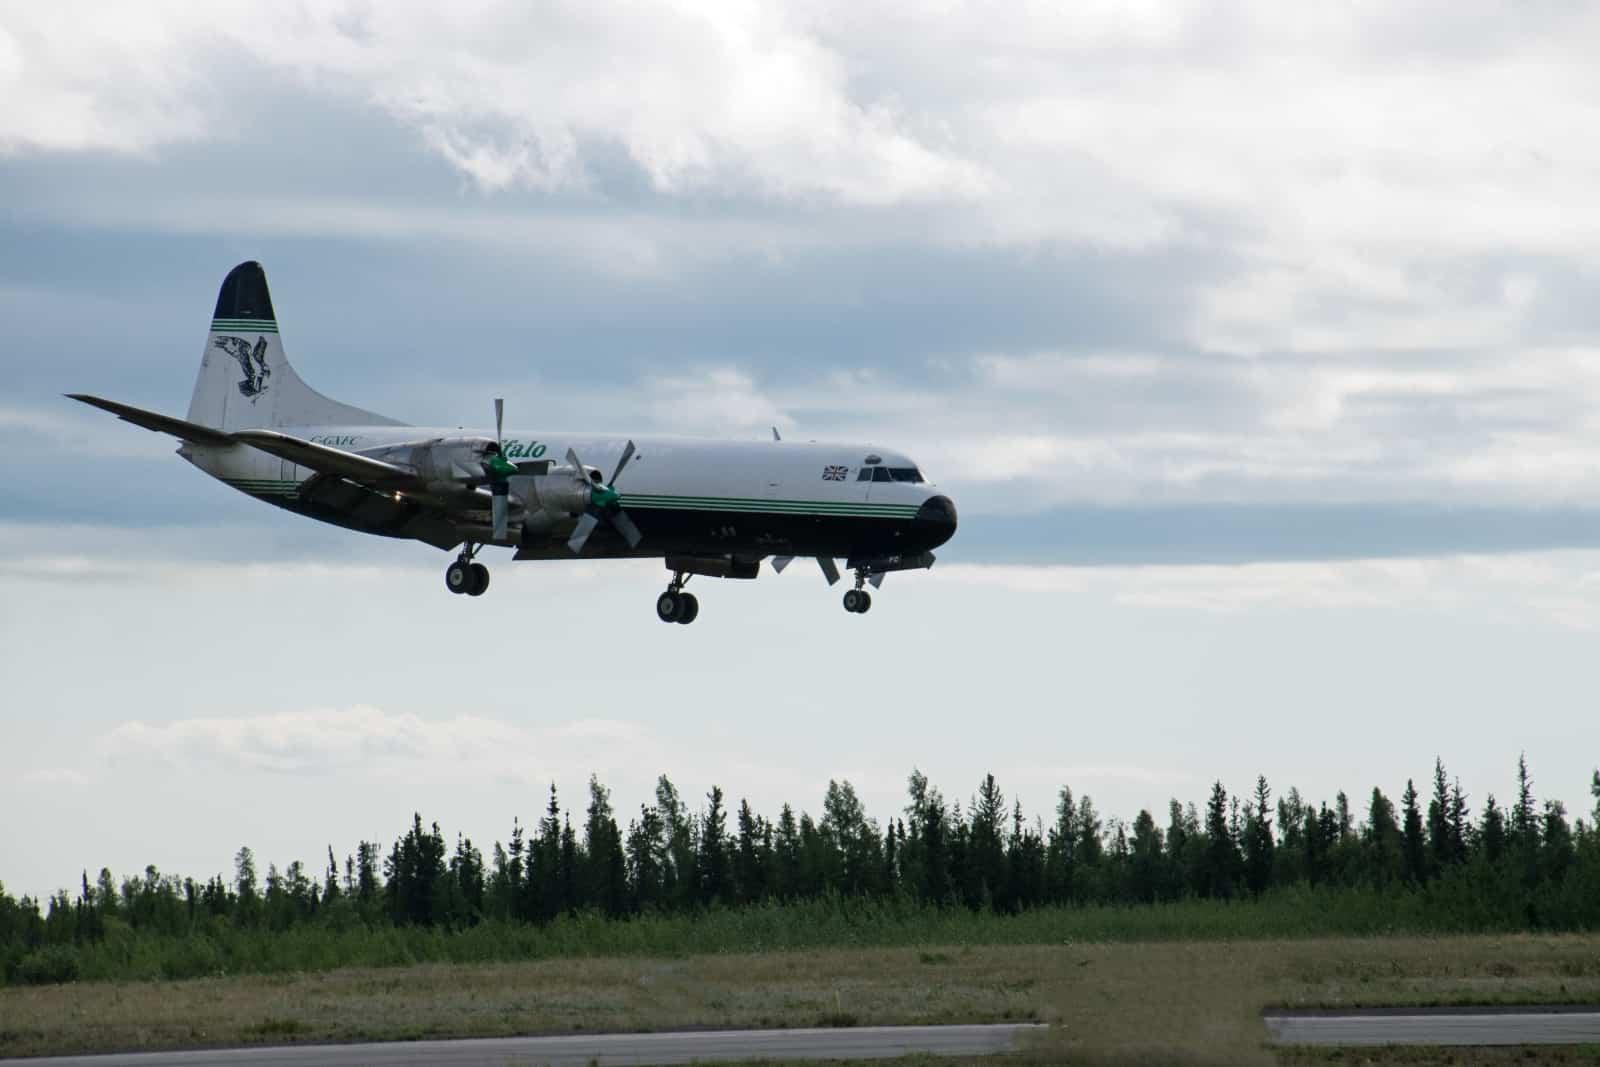 Nach einem Frachtflug kehrt die Lockheed L-188 Electra der Buffalo Airways zu ihrem Heimatflughafen in Yellowknife zurück. Foto Daniela Ganz